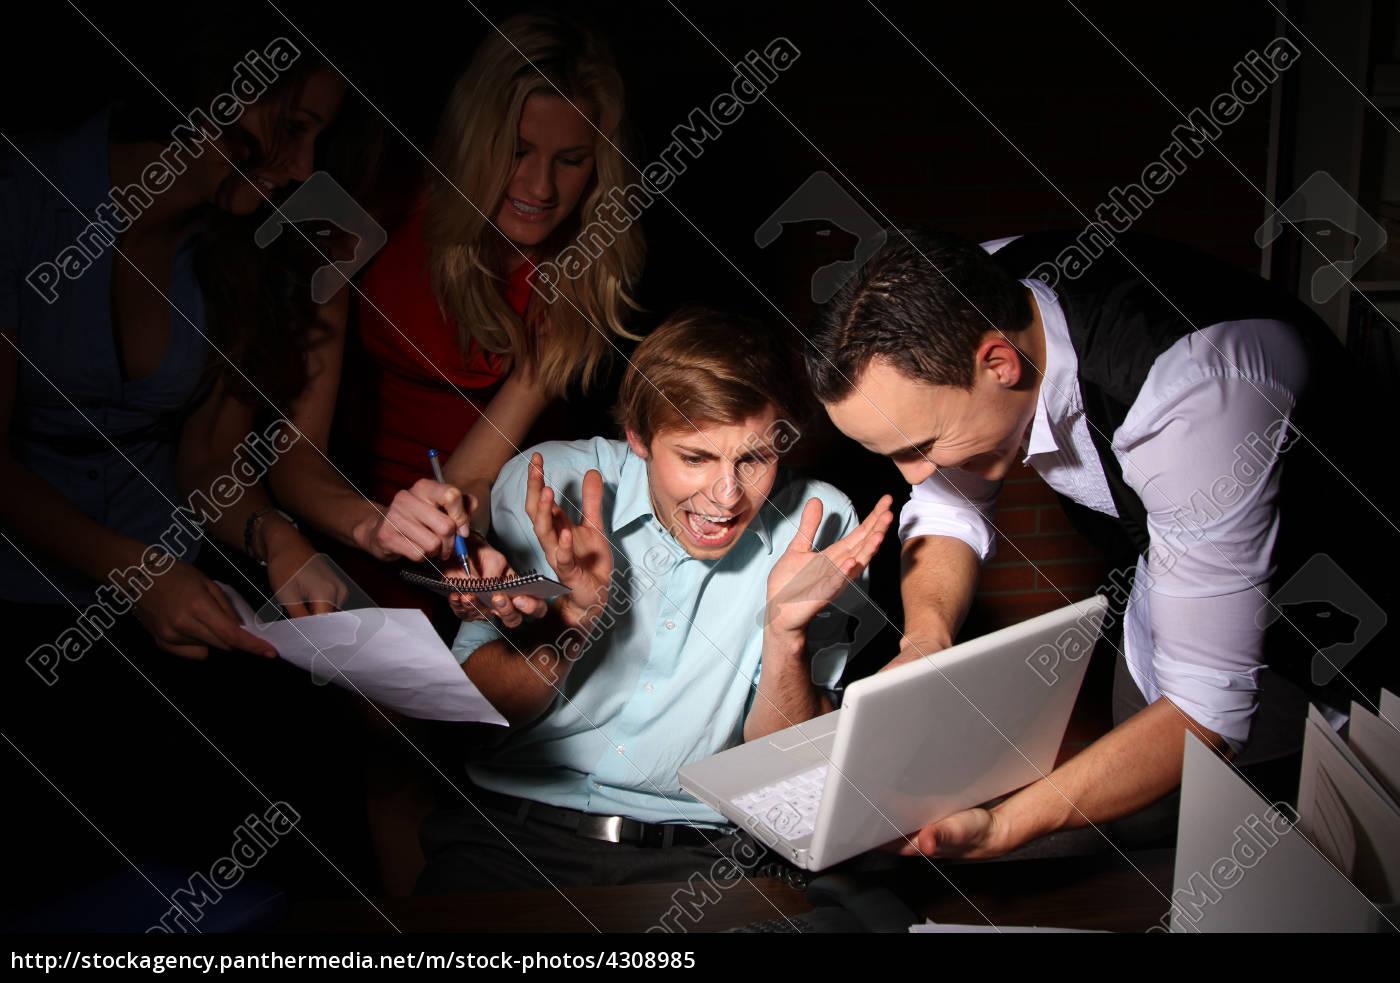 mujer, telefono, oficina, portatil, computadoras, computadora - 4308985